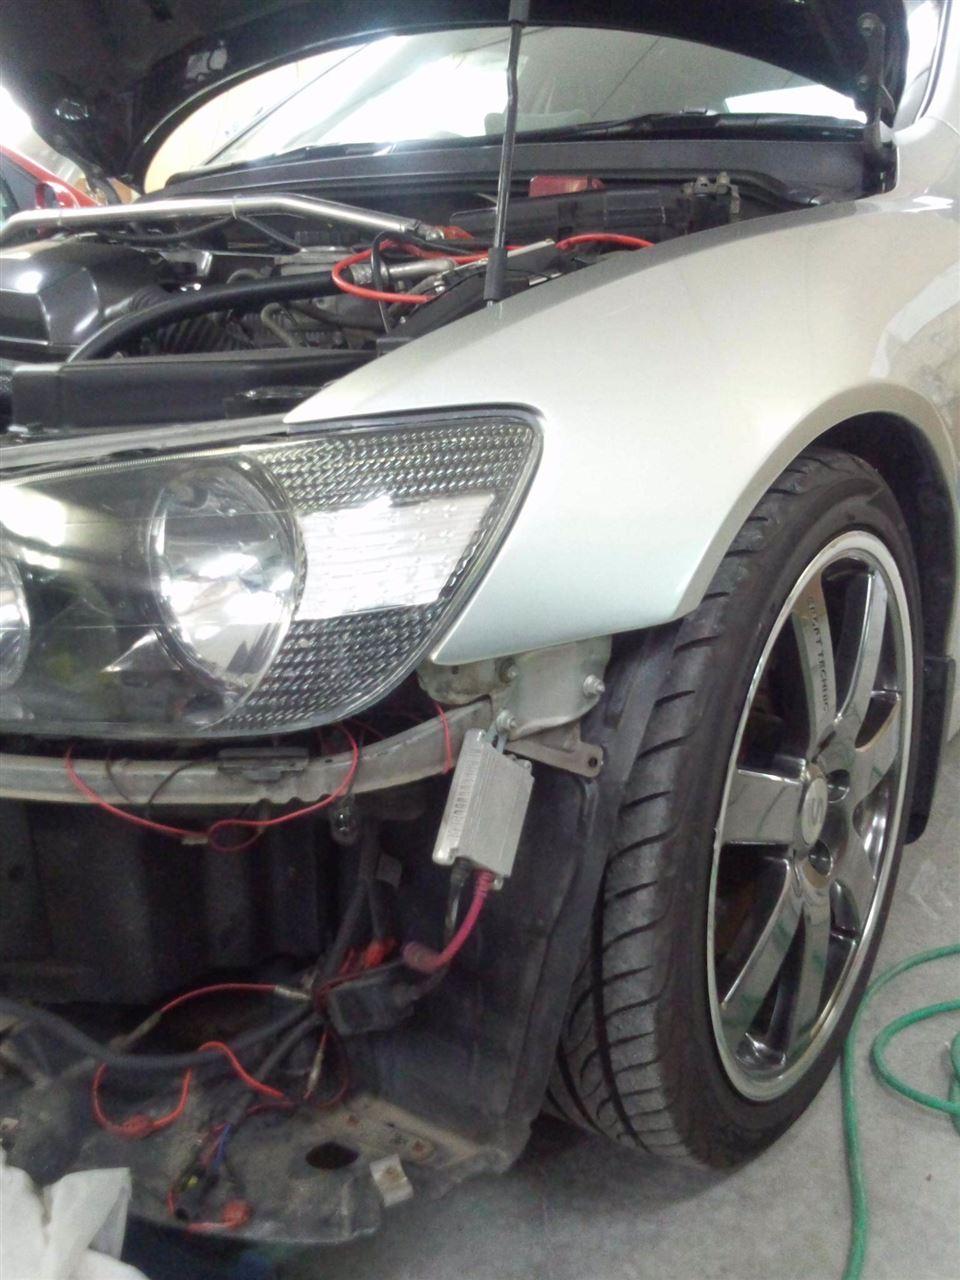 東京都立川市の車の板金塗装修理工場 ガレージローライドのトヨタ アルテッツァのエアロパーツ塗装 取り付け です。